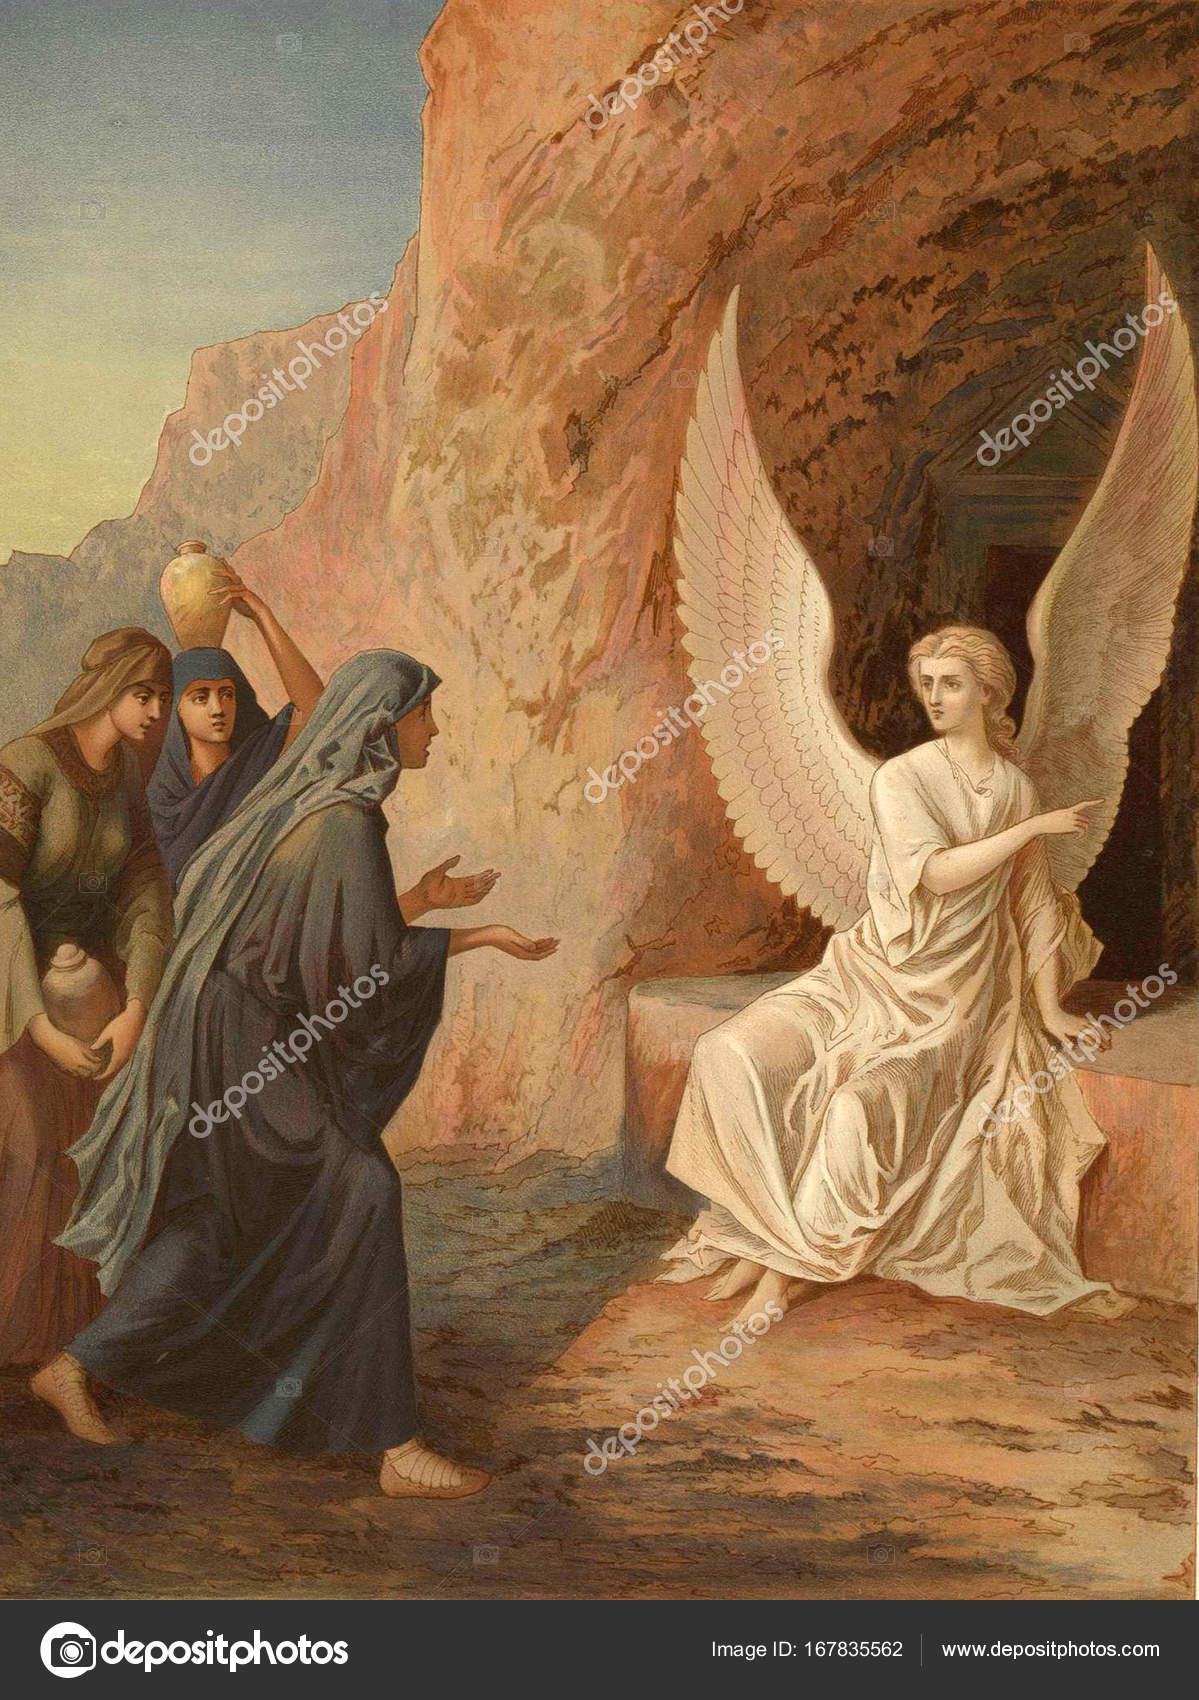 Imágenes Descargar Del Señor Jesús El ángel En La Tumba Del Señor